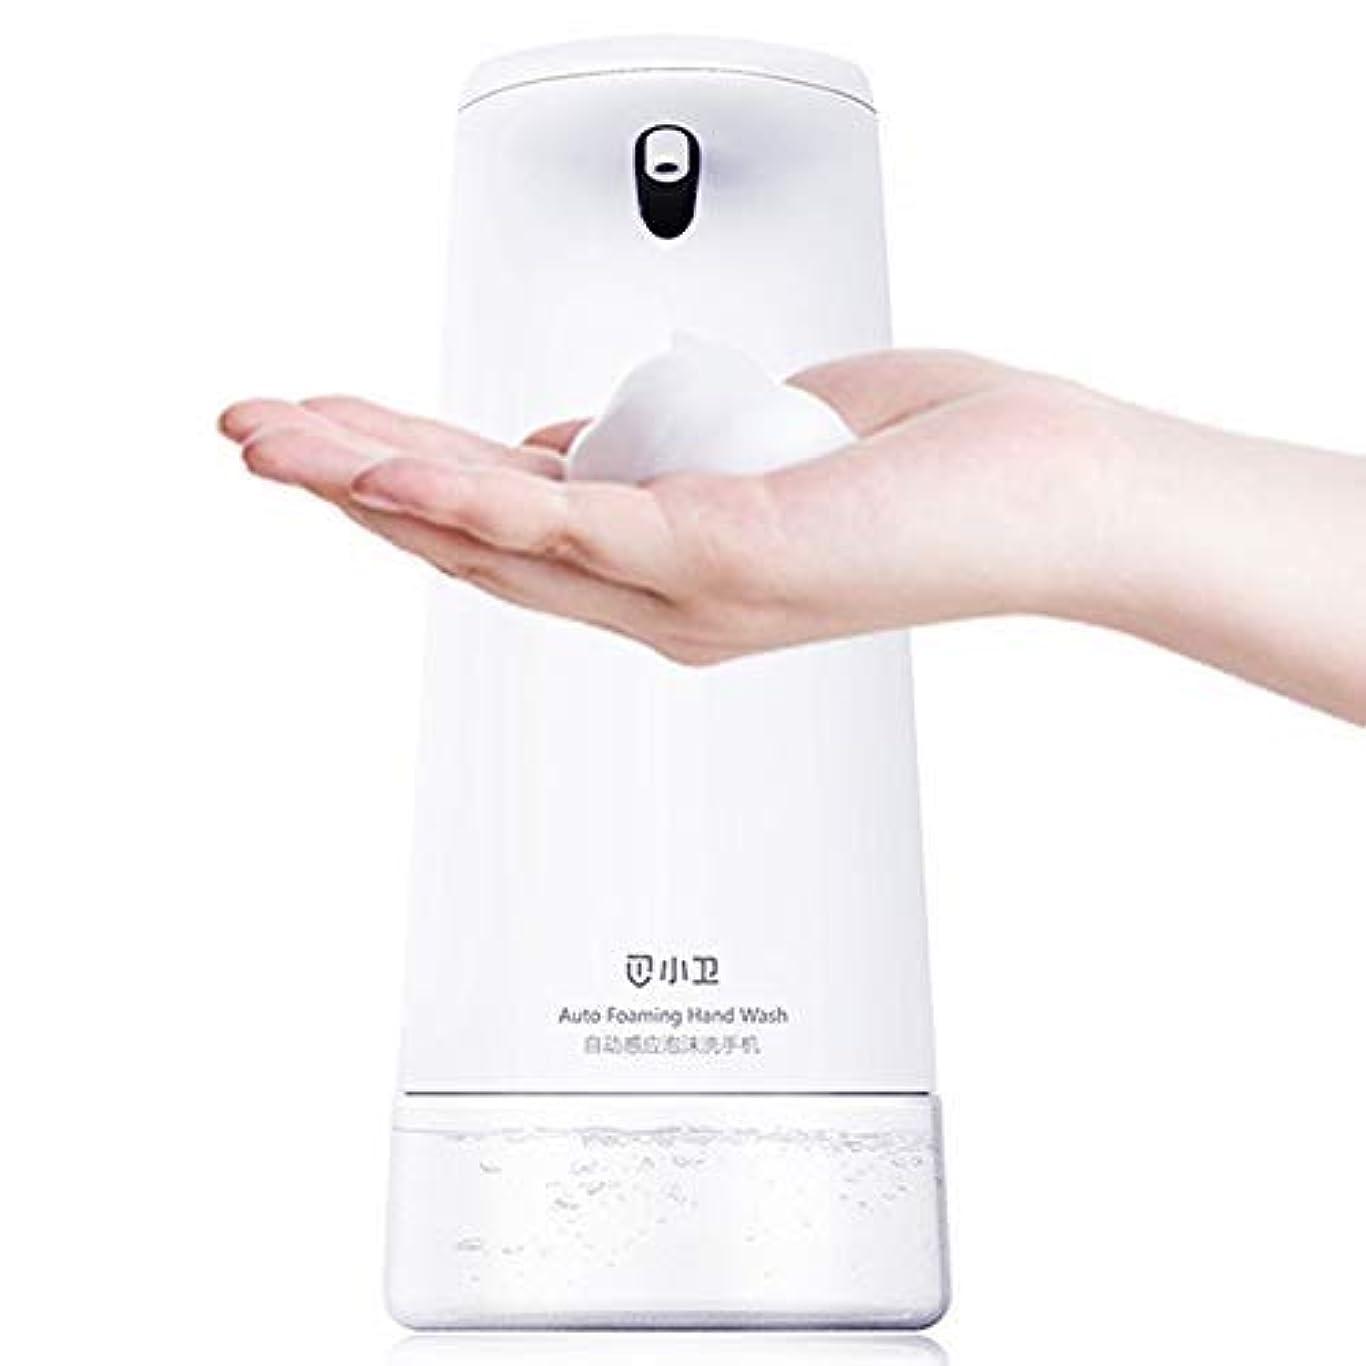 250ミリリットルインテリジェント自動泡石鹸ディスペンサー誘導発泡手洗い機ポータブル液体石鹸ディスペンサー浴室ツール